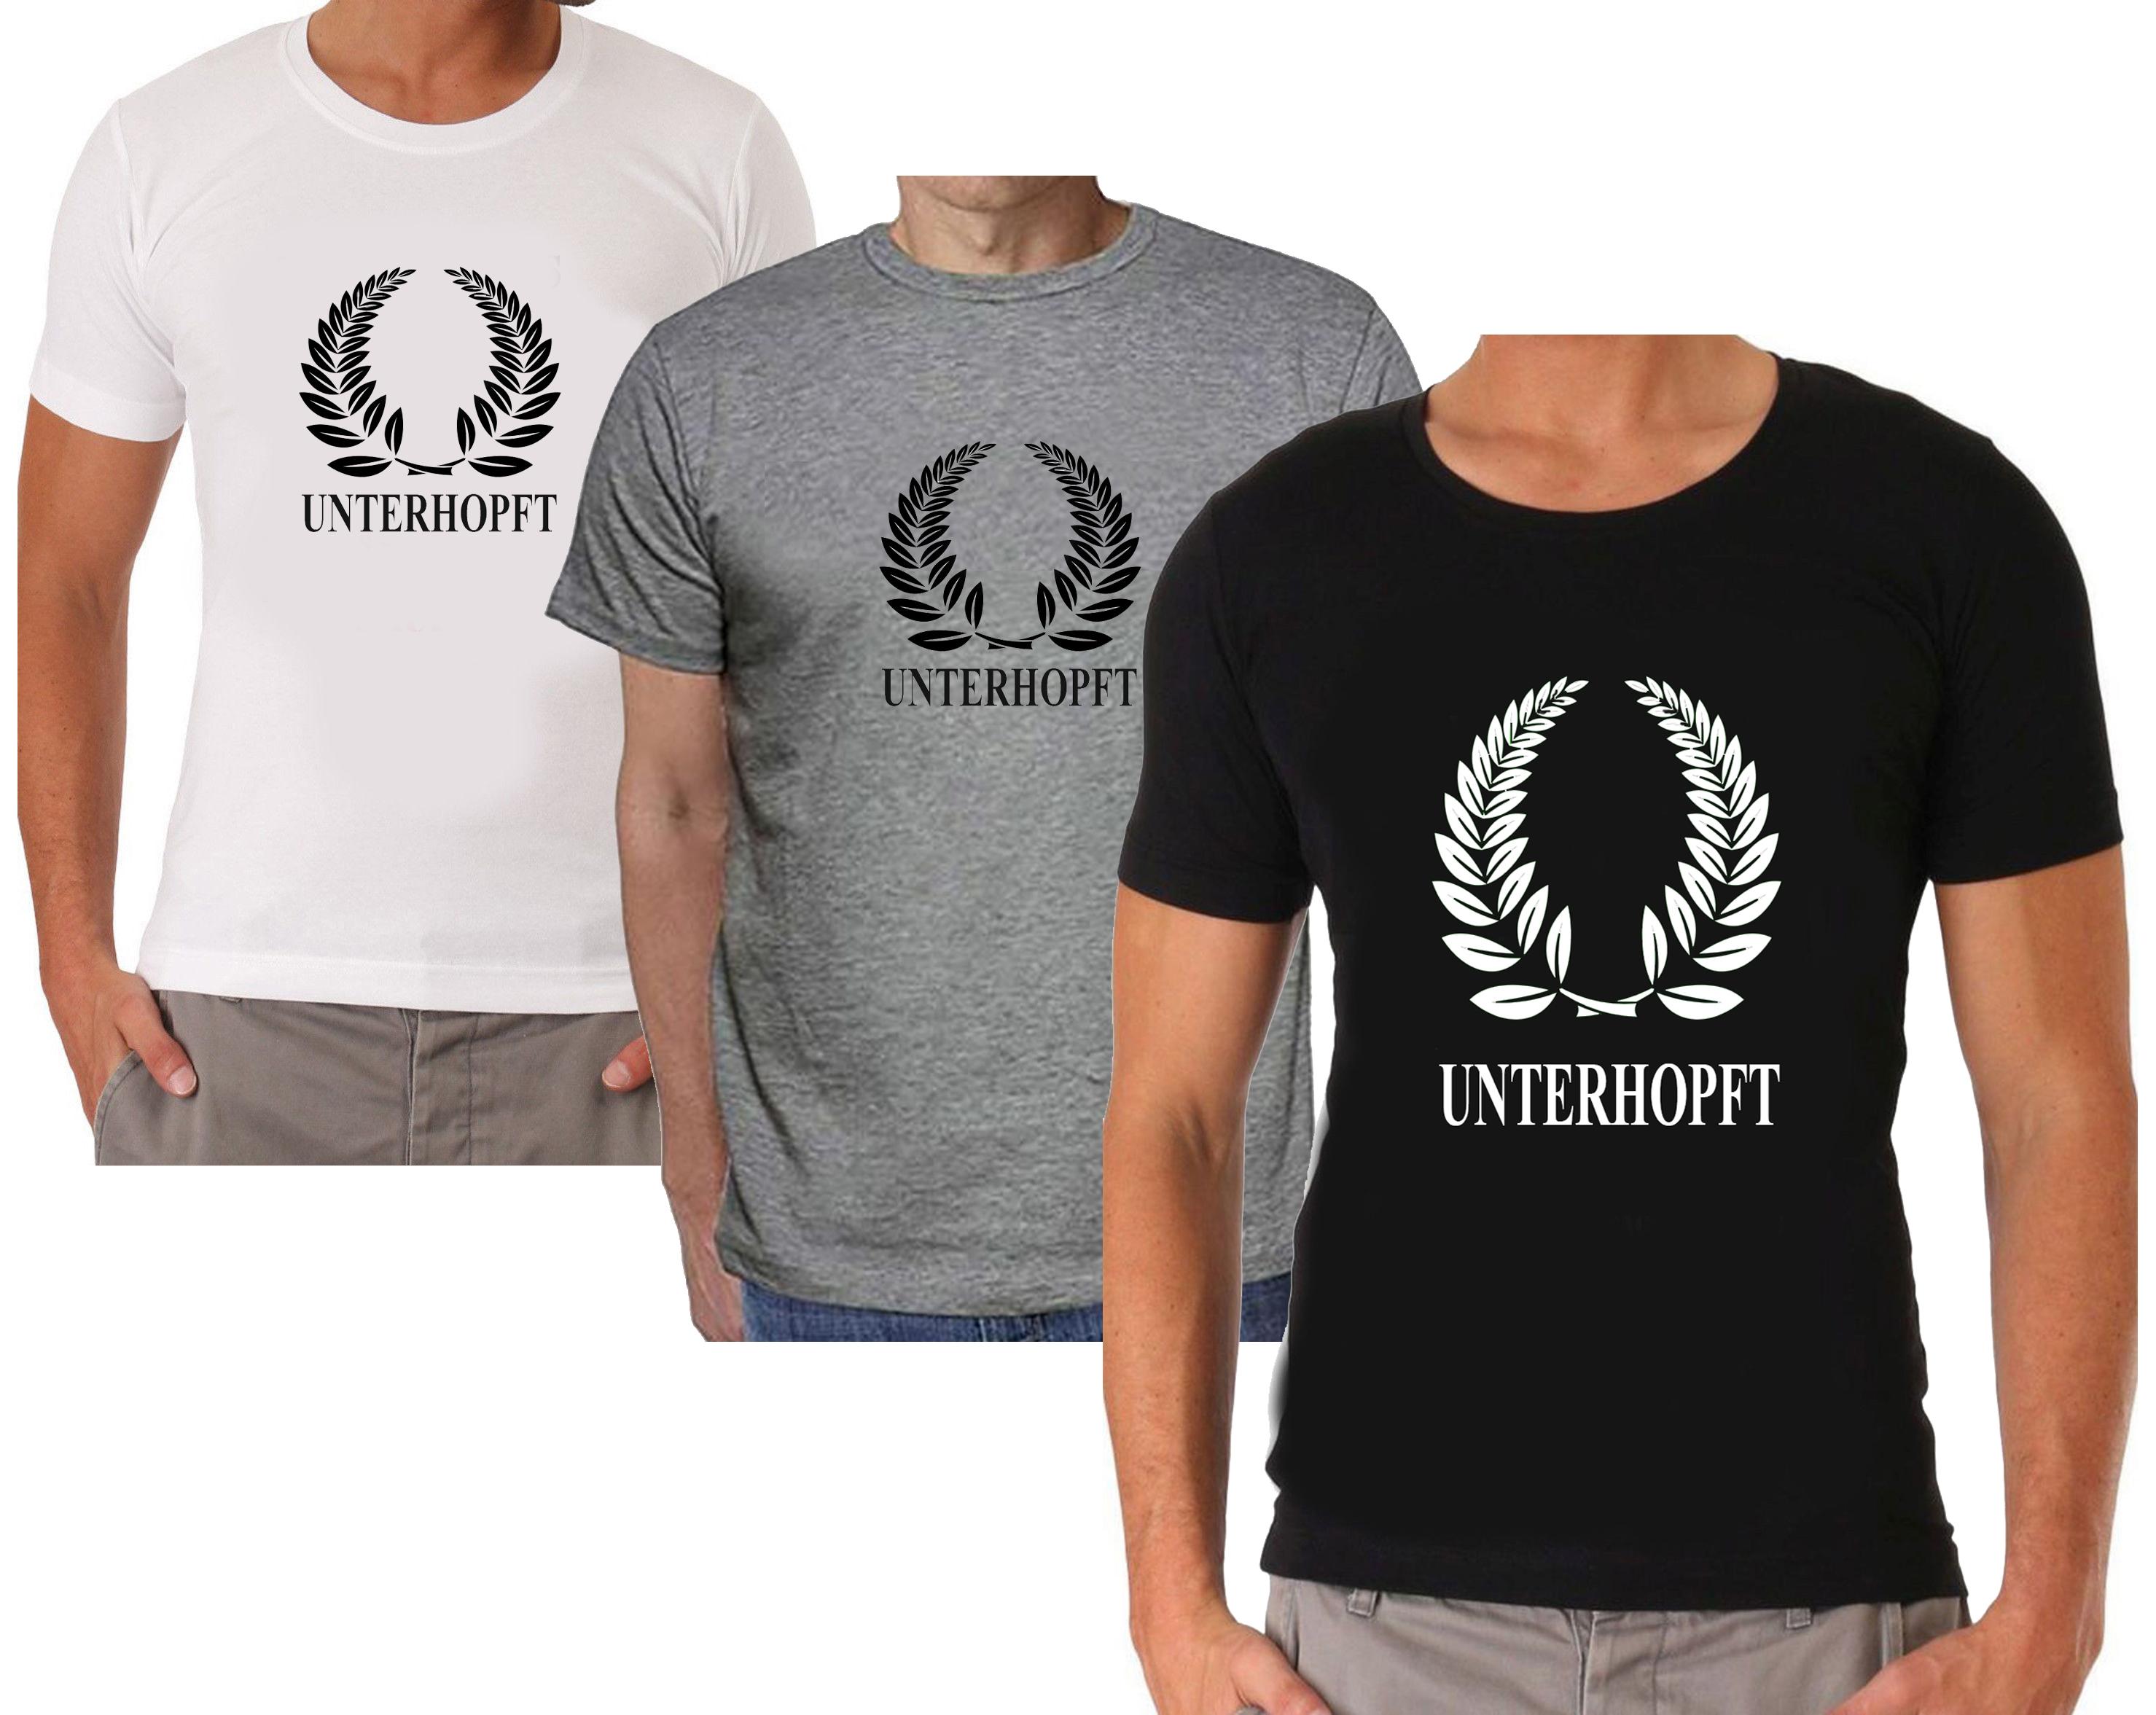 Lebensgefährlich Unterhopft Shirt T-Shirt schwarz Funshirt Bier 100/% BW S-5XL